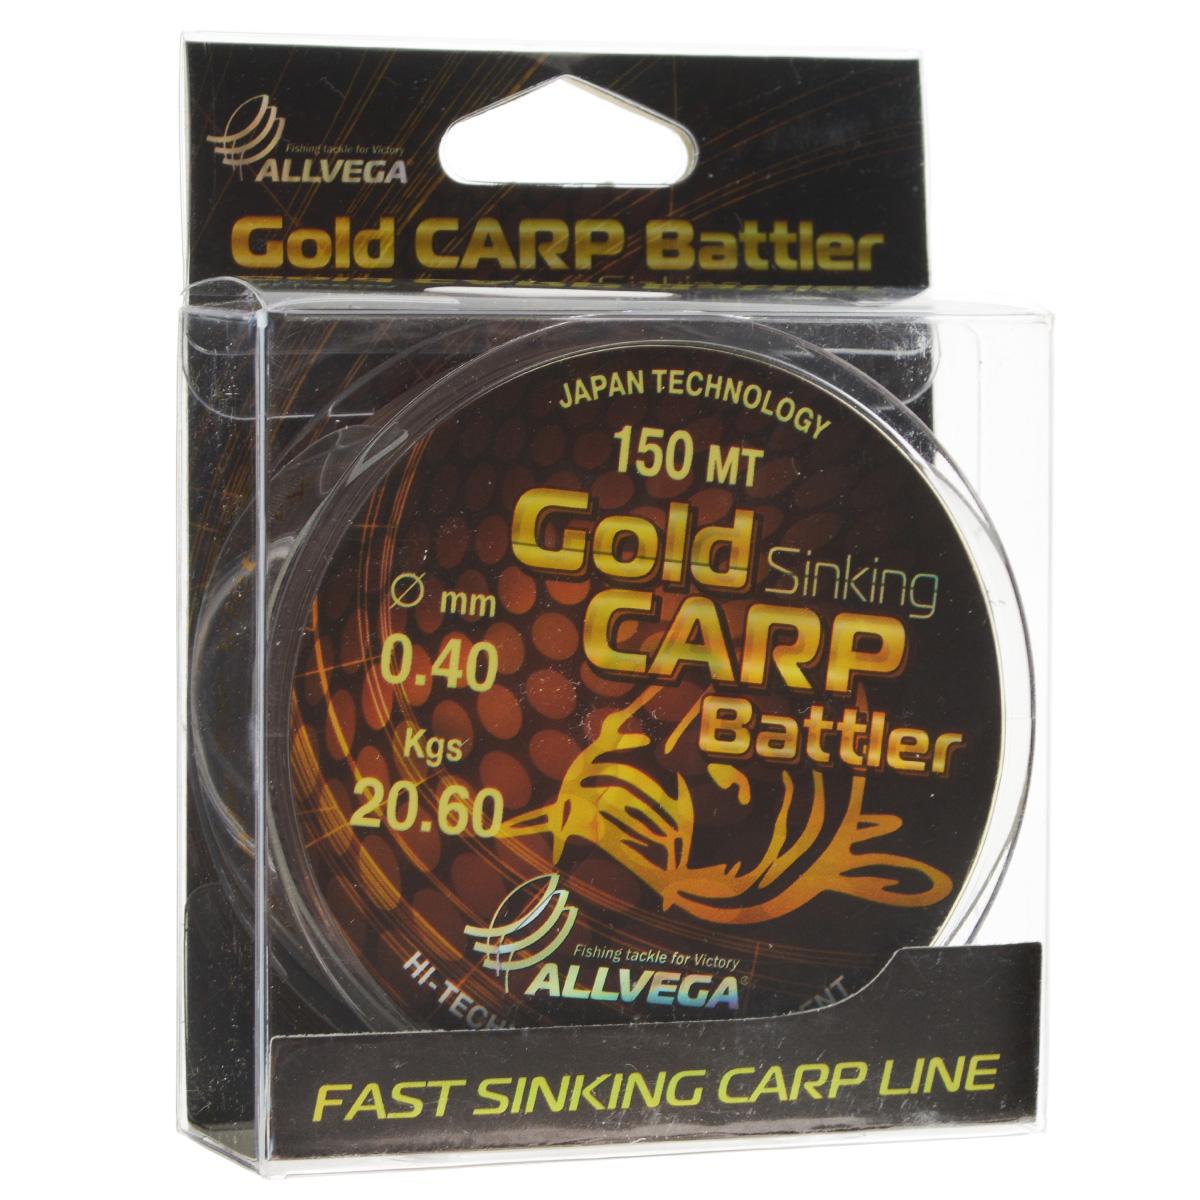 Леска Allvega Gold Carp Battler, цвет: коричневый, 150 м, 0,40 мм, 20,6 кг4271825Карповая леска Allvega Gold Carp Battler была разработана для ловли действительно крупной рыбы. Устойчива к большим нагрузкам в условиях густой растительности и коряжнике. Специальный цвет имеет неоднородную структуру, что позволяет быть не заметной на дне. Хорошо тонет, что является важным критерием для выбора карповой лески.